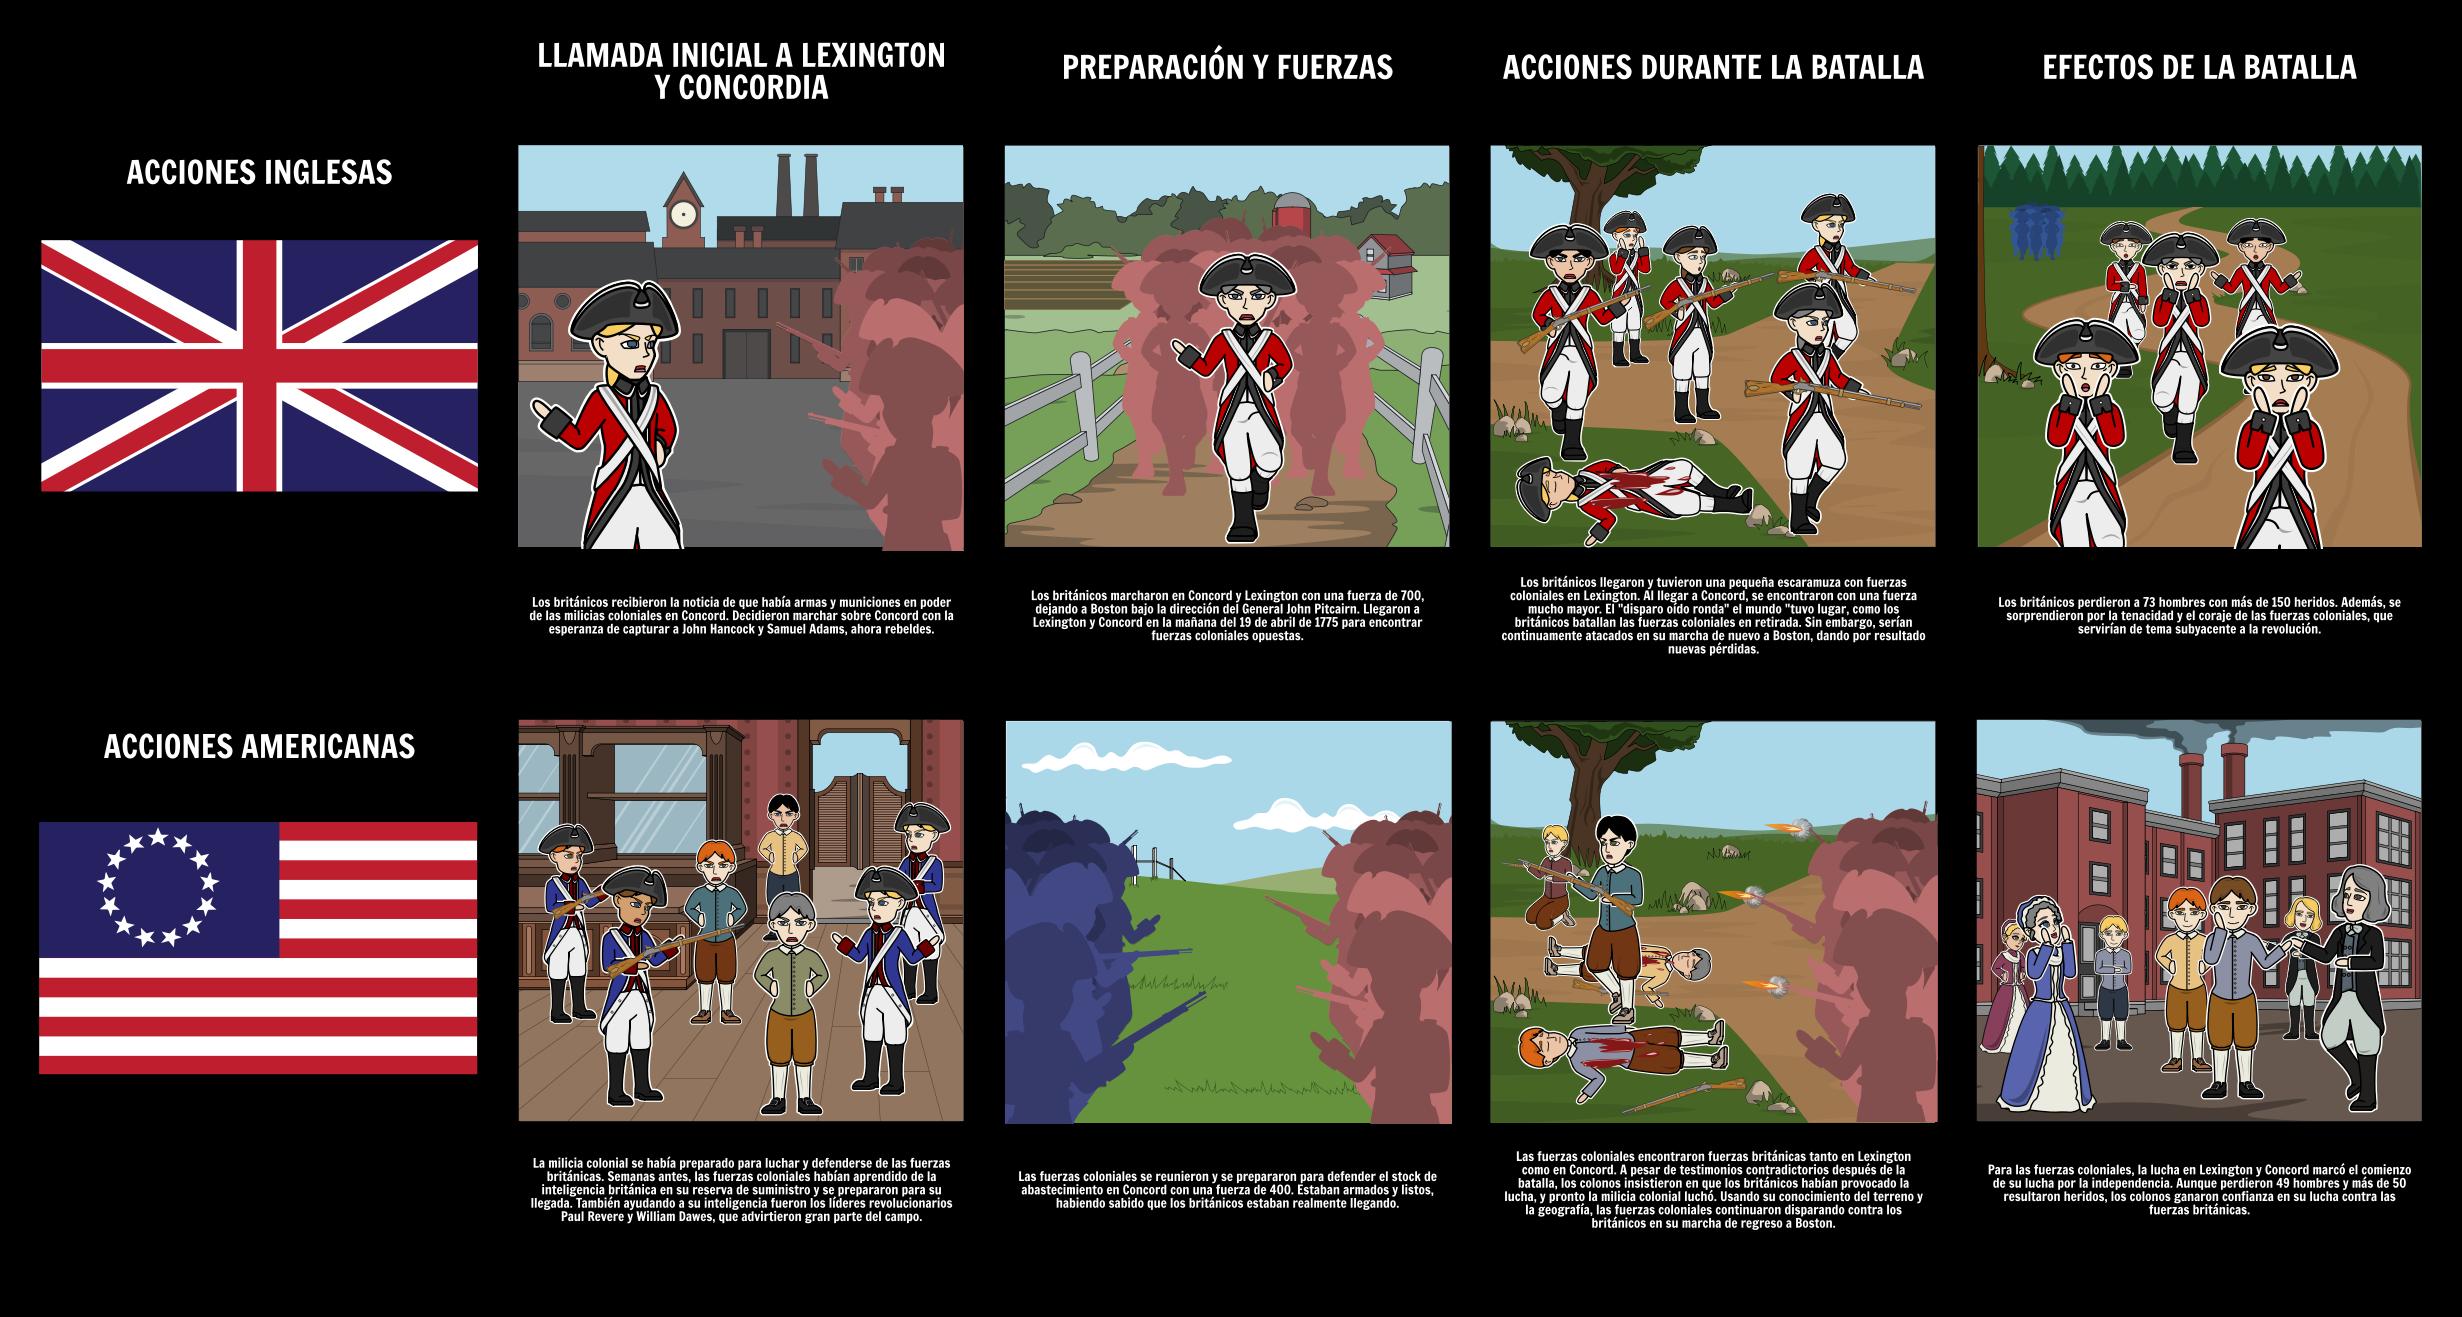 La Batalla de Lexington y Concord